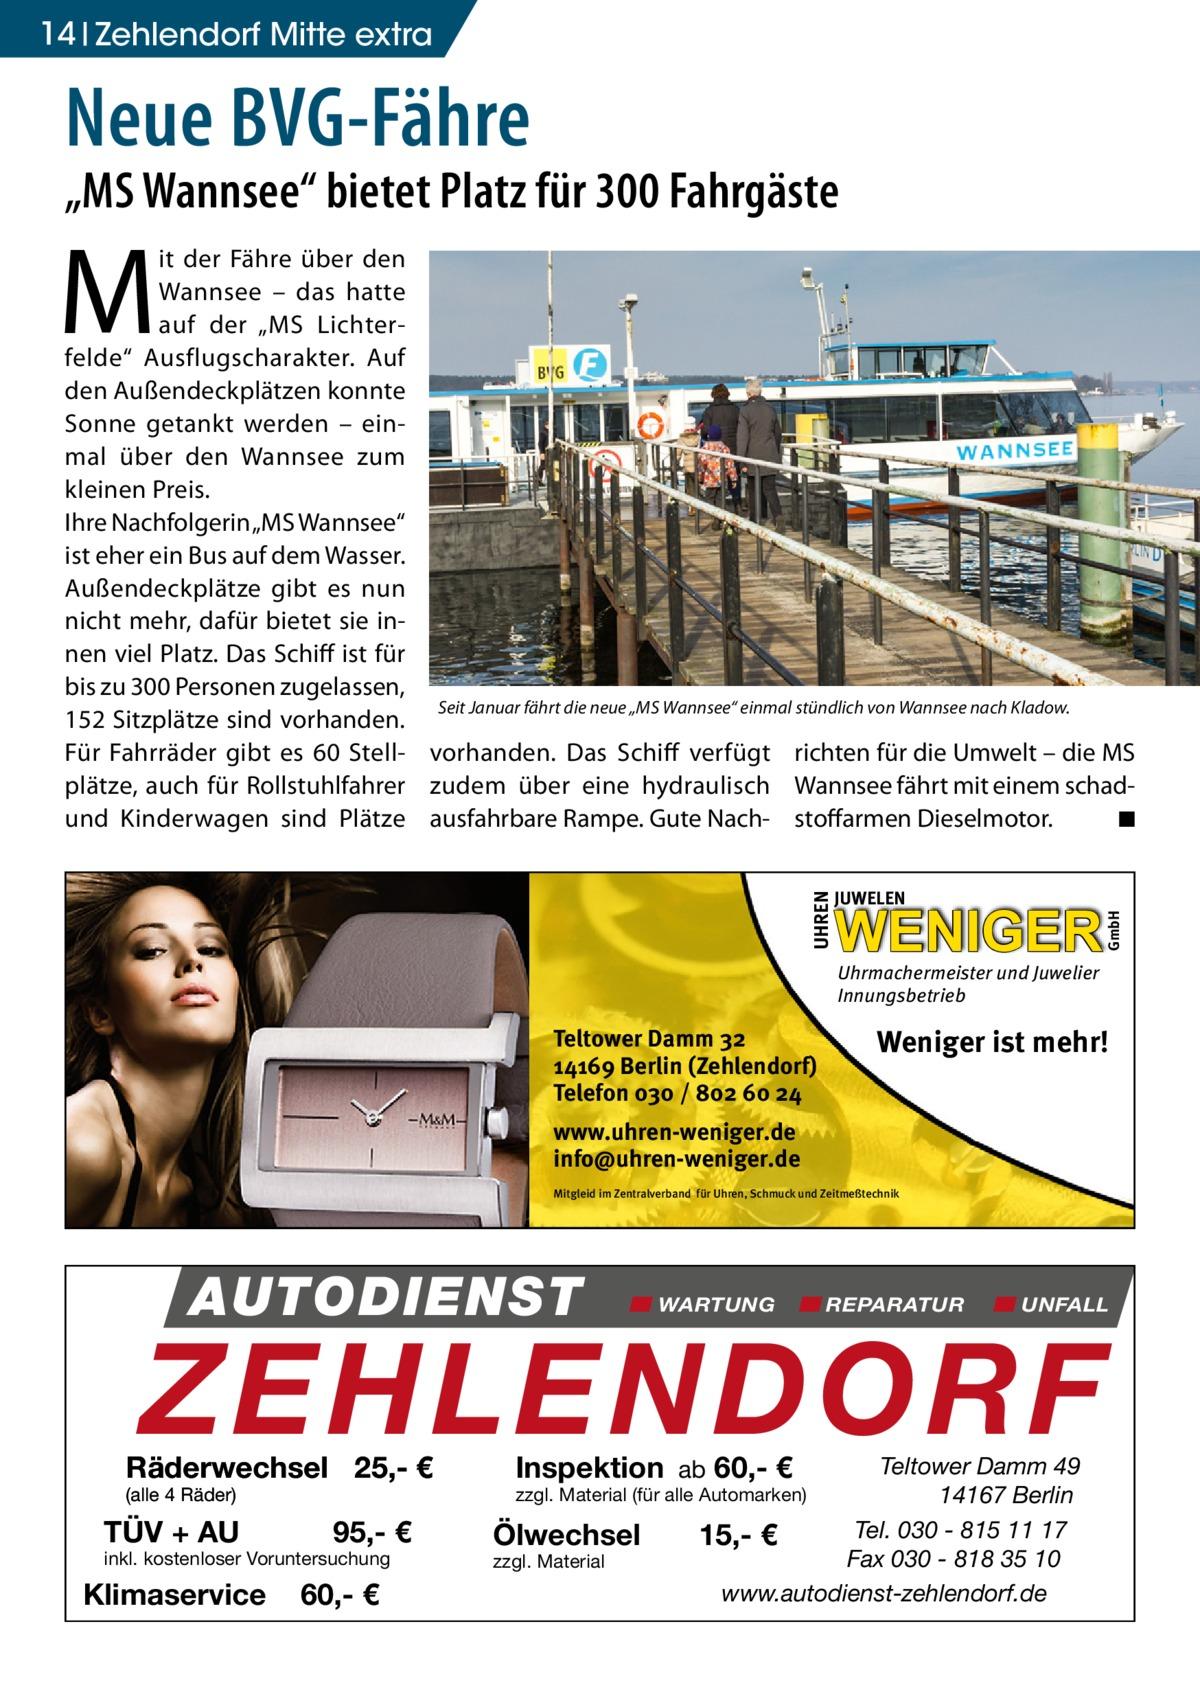 """14 Zehlendorf Mitte extra  Neue BVG-Fähre  """"MS Wannsee"""" bietet Platz für 300 Fahrgäste  M  UHREN  JUWELEN  WENIGER  GmbH  it der Fähre über den Wannsee – das hatte auf der """"MS Lichterfelde"""" Ausflugscharakter. Auf den Außendeckplätzen konnte Sonne getankt werden – einmal über den Wannsee zum kleinen Preis. Ihre Nachfolgerin """"MS Wannsee"""" ist eher ein Bus auf dem Wasser. Außendeckplätze gibt es nun nicht mehr, dafür bietet sie innen viel Platz. Das Schiff ist für bis zu 300 Personen zugelassen, Seit Januar fährt die neue """"MS Wannsee"""" einmal stündlich von Wannsee nach Kladow. 152 Sitzplätze sind vorhanden. Für Fahrräder gibt es 60 Stell- vorhanden. Das Schiff verfügt richten für die Umwelt – die MS plätze, auch für Rollstuhlfahrer zudem über eine hydraulisch Wannsee fährt mit einem schad◾ und Kinderwagen sind Plätze ausfahrbare Rampe. Gute Nach- stoffarmen Dieselmotor. �  Uhrmachermeister und Juwelier Innungsbetrieb  Teltower Damm 32 14169 Berlin (Zehlendorf) Telefon 030 / 802 60 24  Weniger ist mehr!  www.uhren-weniger.de info@uhren-weniger.de Mitgleid im Zentralverband für Uhren, Schmuck und Zeitmeßtechnik  AUTODIENST  WARTUNG  REPARATUR  UNFALL  ZEHLENDORF  Räderwechsel 25,- € (alle 4 Räder)  TÜV + AU  95,- €  inkl. kostenloser Voruntersuchung  Klimaservice  60,- €  Inspektion ab 60,- €  Teltower Damm 49 14167 Berlin Tel. 030 - 815 11 17 15,- € Fax 030 - 818 35 10 www.autodienst-zehlendorf.de  zzgl. Material (für alle Automarken)  Ölwechsel zzgl. Material"""